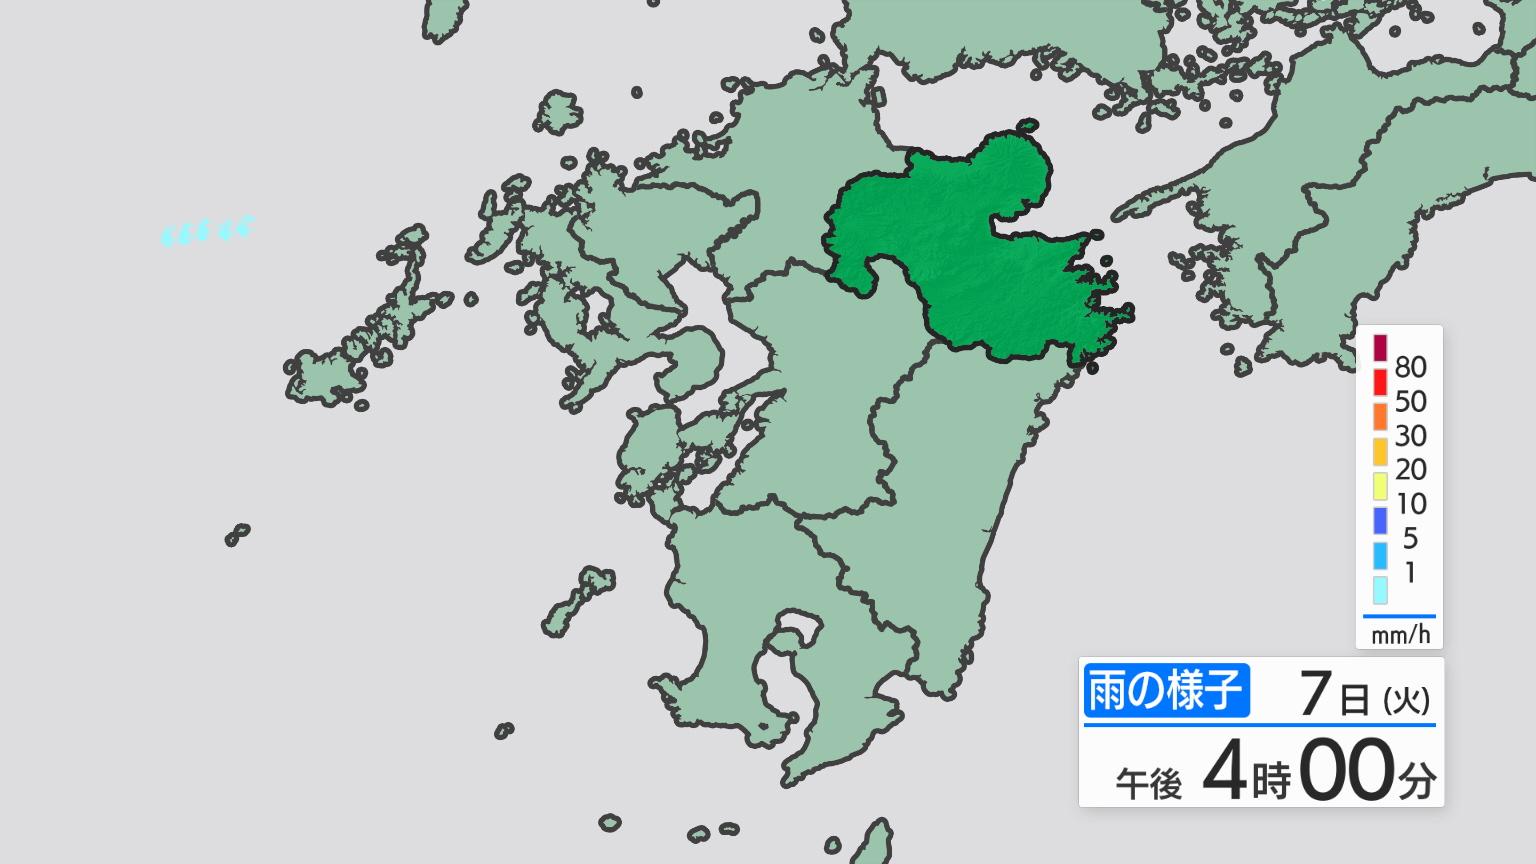 県内の天気 >> レーダー・アメダス >> 雨6時間予想(九州)